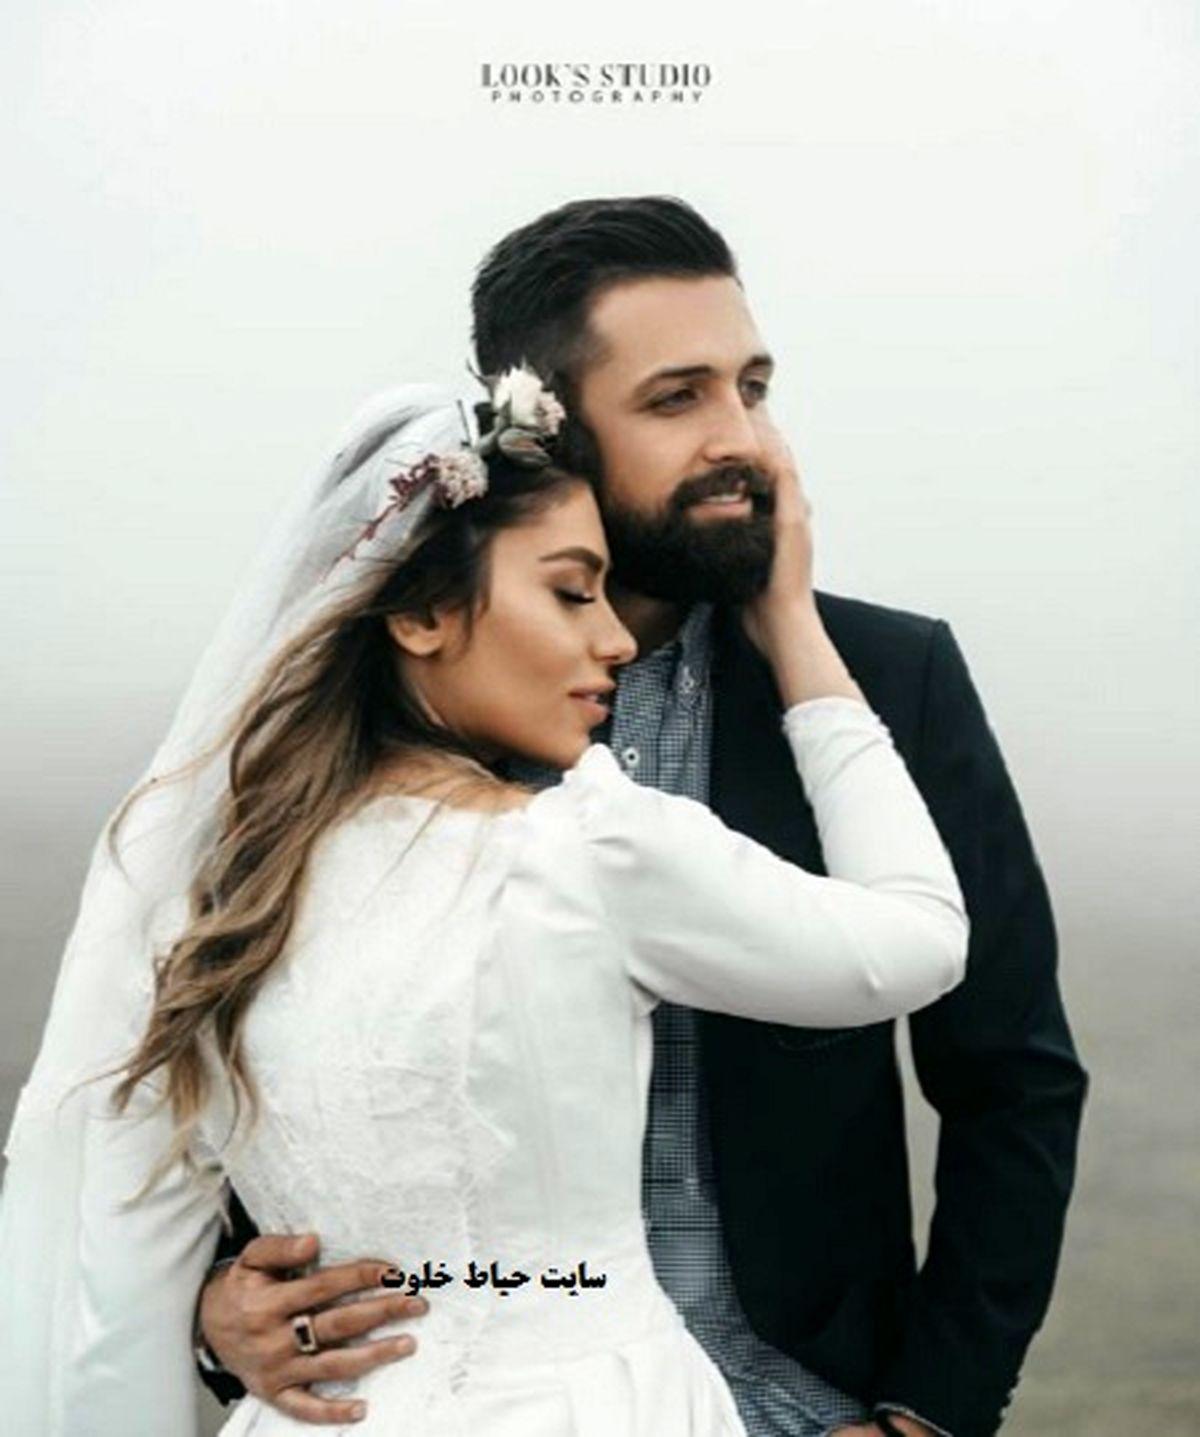 درخواست طلاق سویل از محسن افشانی بعد از بچه دار شدن بخاطر خیانت + فیلم